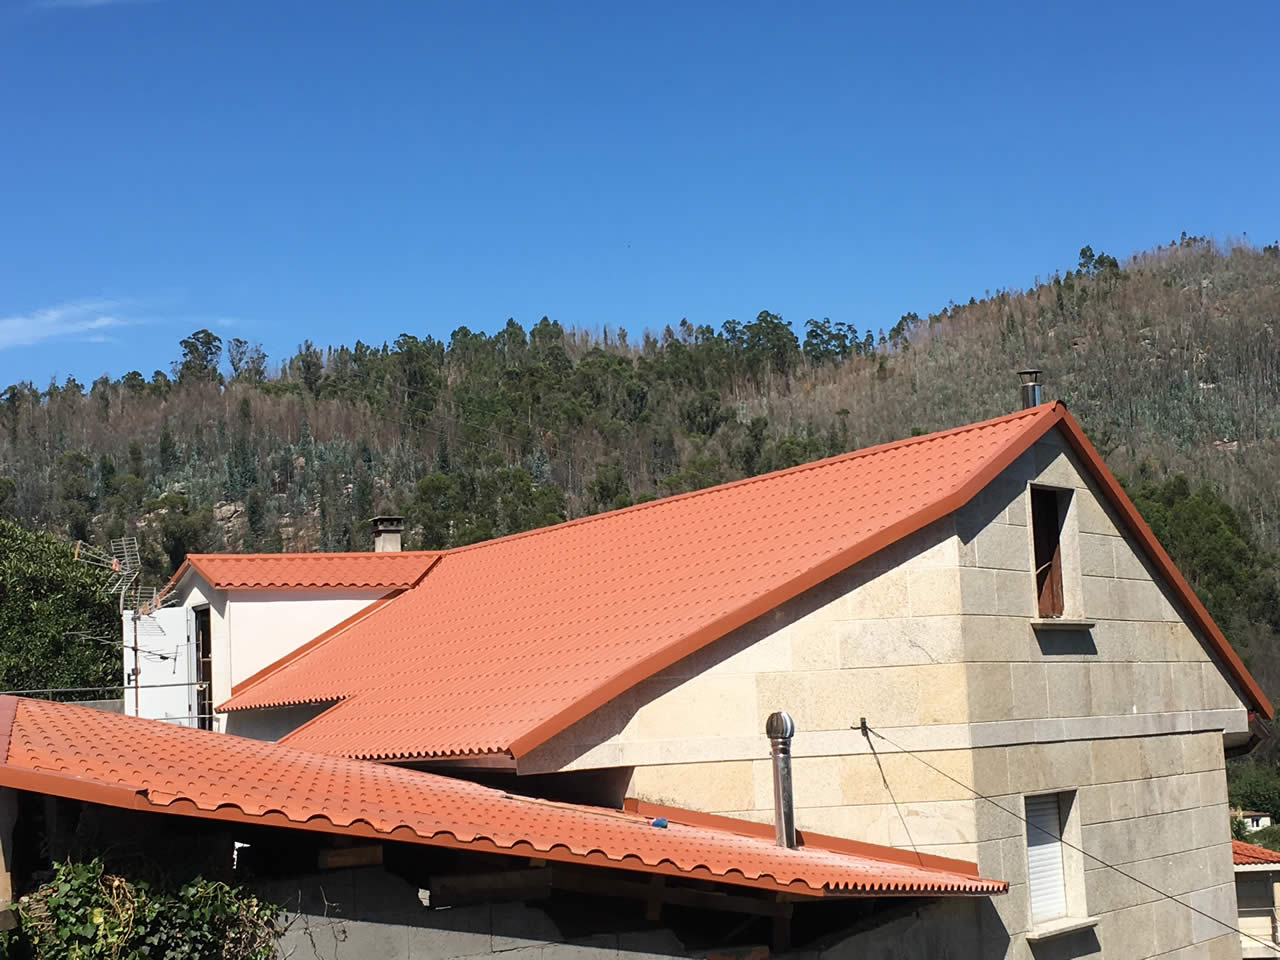 Construcci n de tejado a dos aguas en pontesampaio - Tejado madera ...